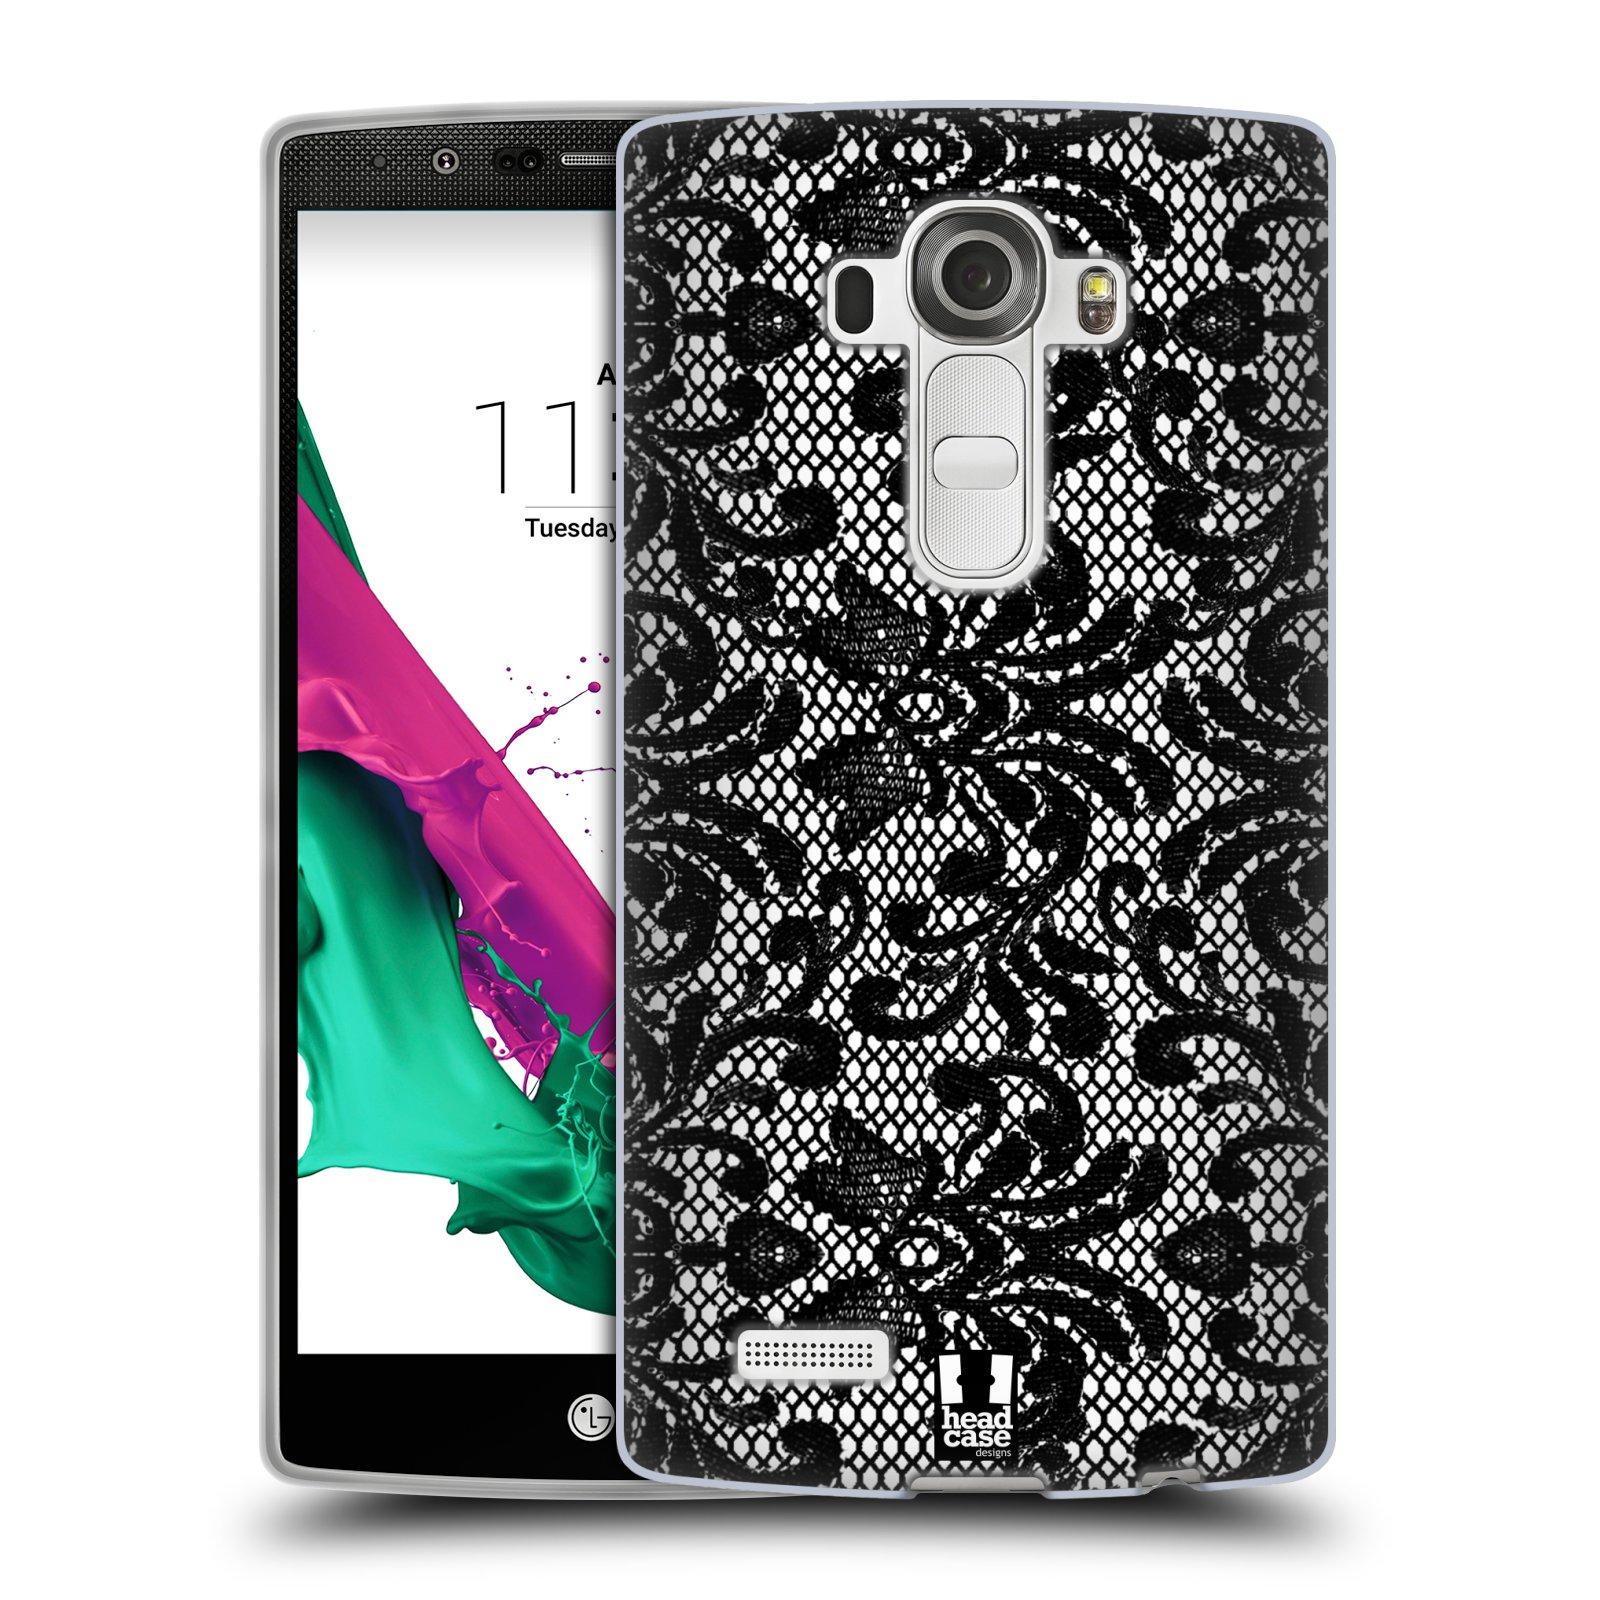 Silikonové pouzdro na mobil LG G4 HEAD CASE KRAJKA (Silikonový kryt či obal na mobilní telefon LG G4 H815)